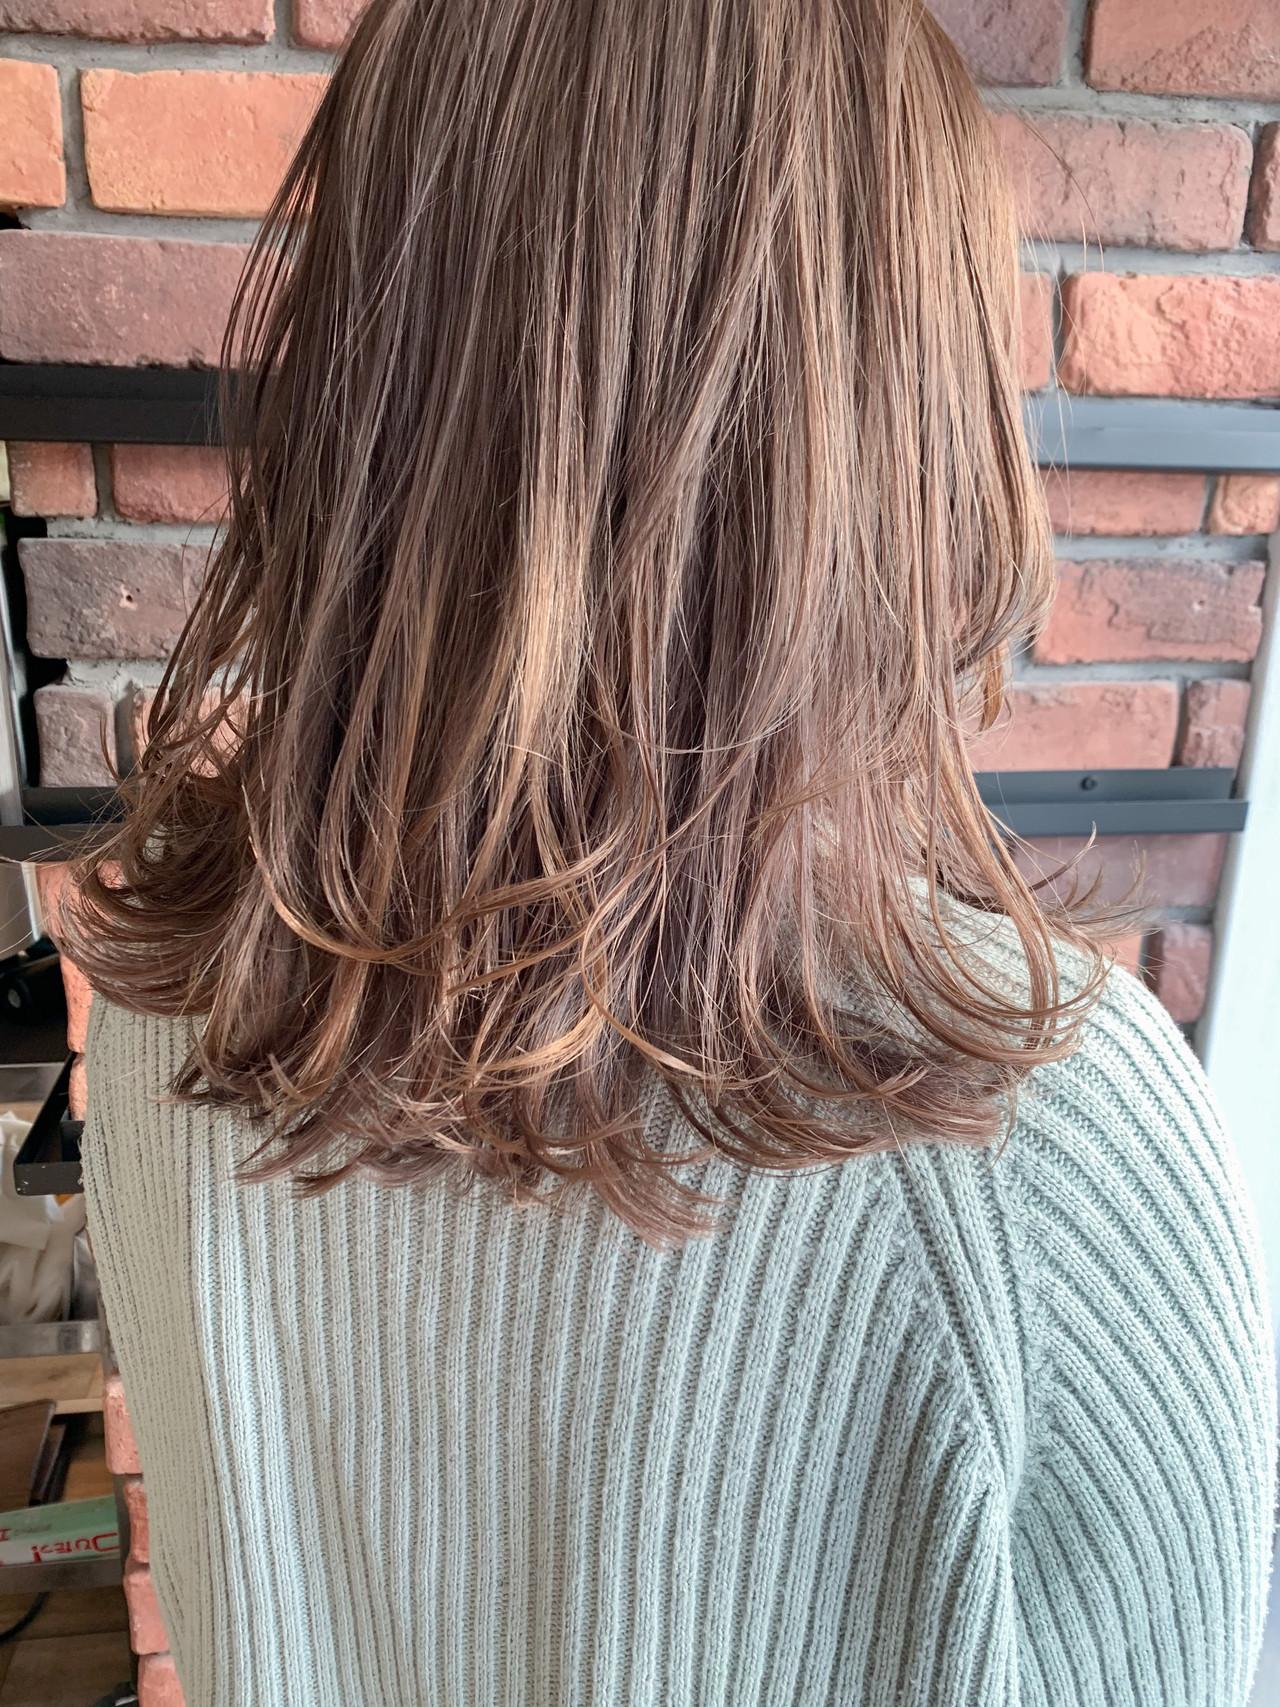 ミディアム ピンクベージュ ハイトーン ブリーチ ヘアスタイルや髪型の写真・画像